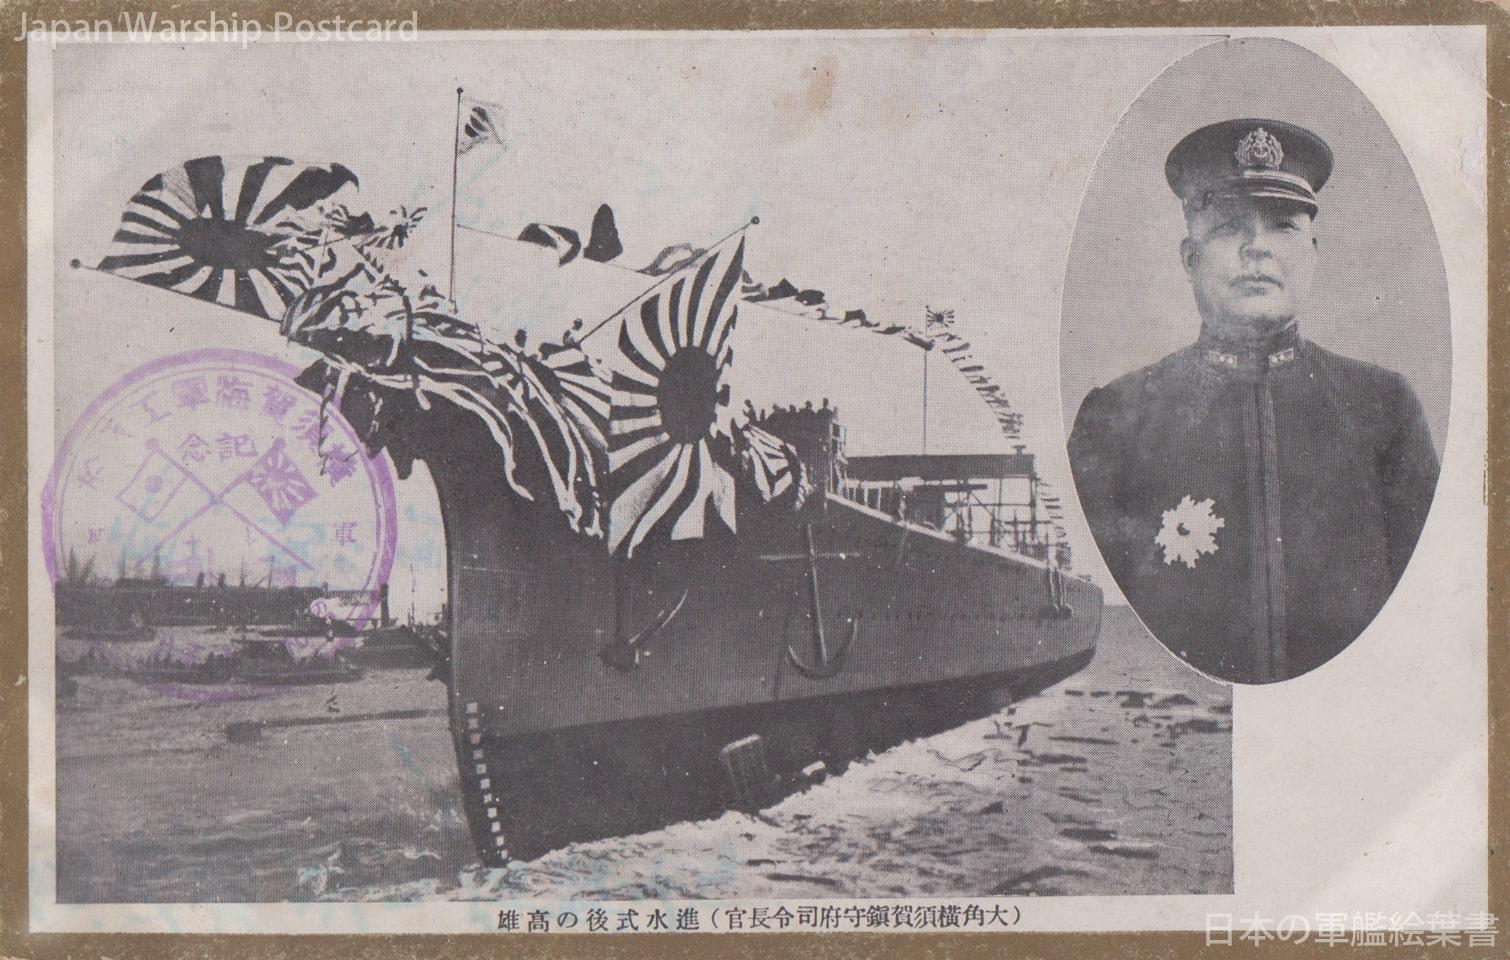 (大角横須賀鎮守府司令長官)進水式後の高雄